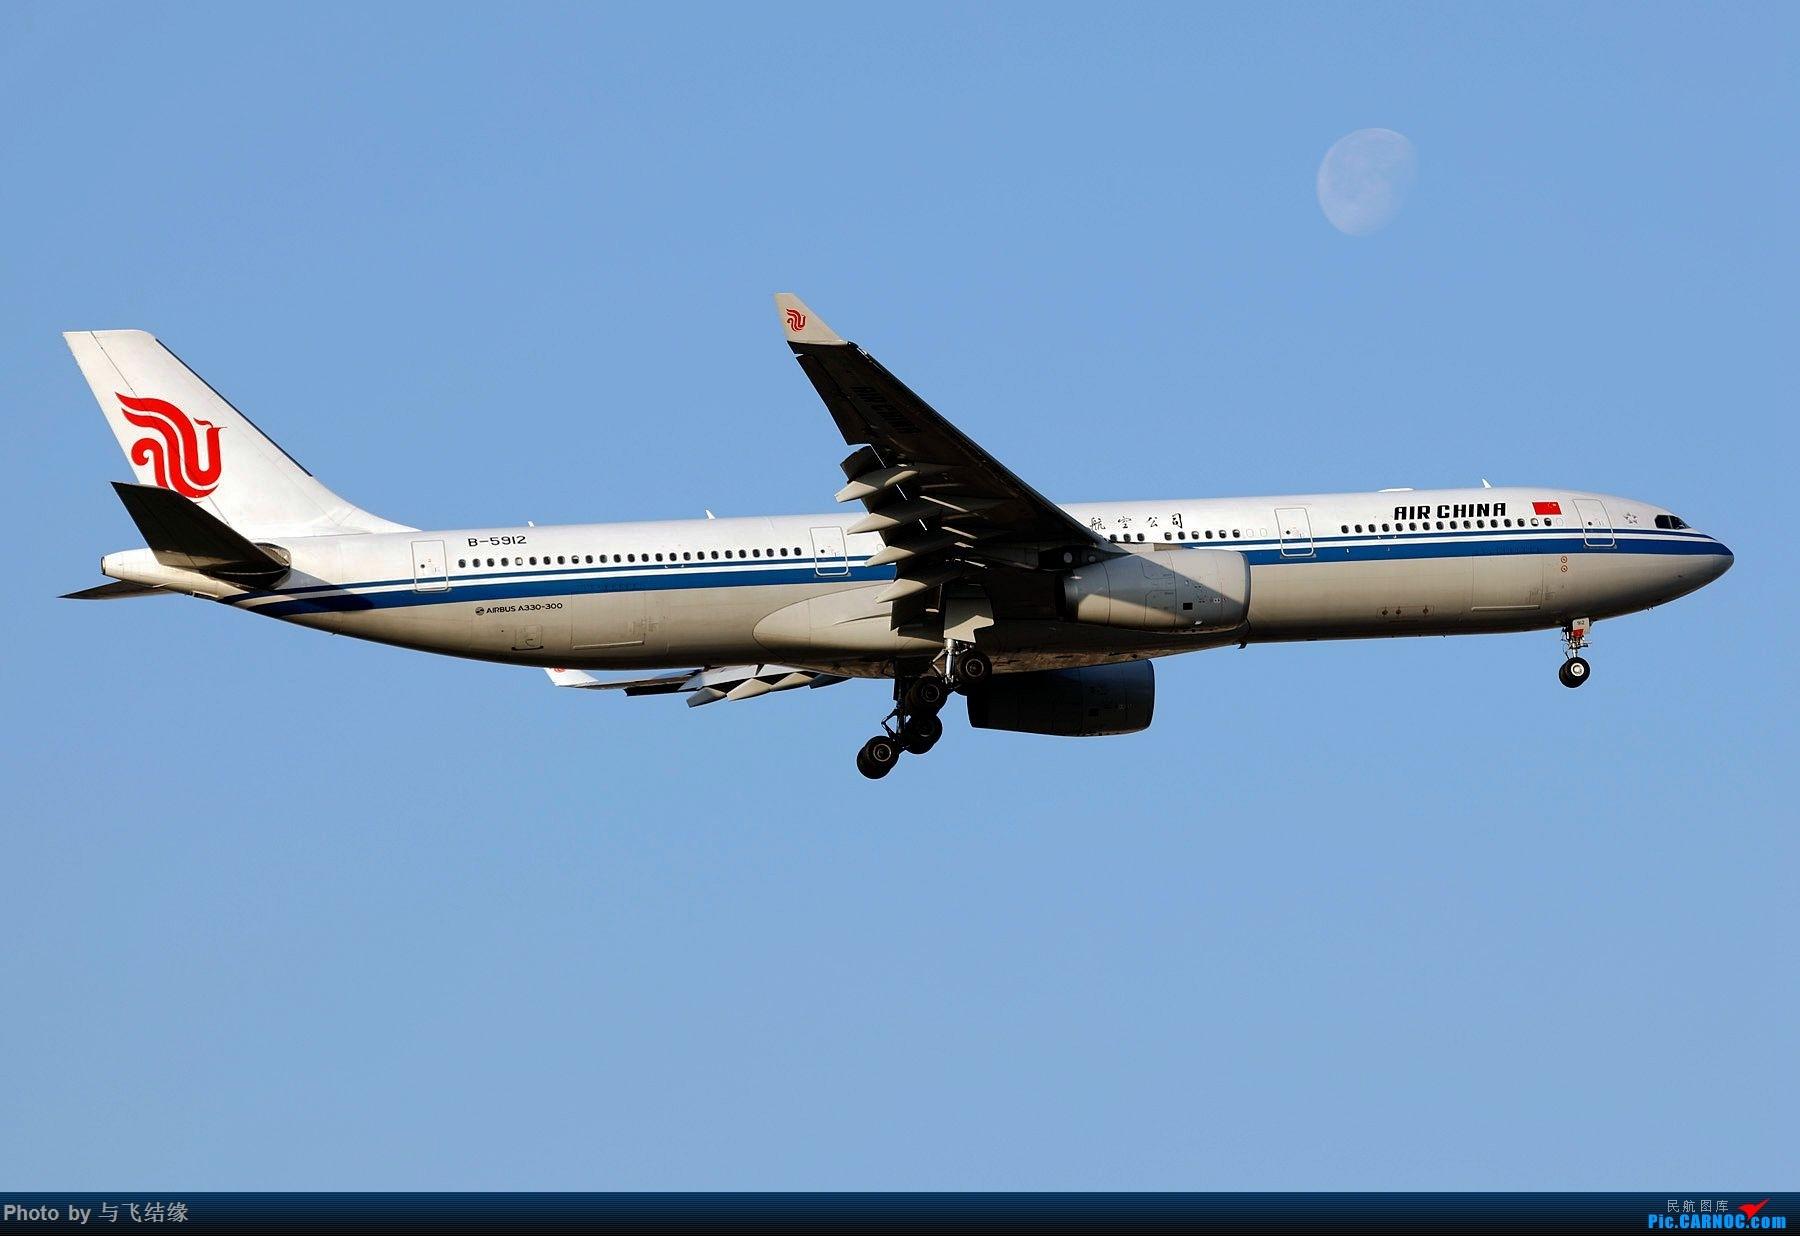 Re:今日是周末,月末,年末2018年最后一贴,预祝朋友们2019年新年快乐!万事如意! AIRBUS A330-300 B-5912 中国北京首都国际机场